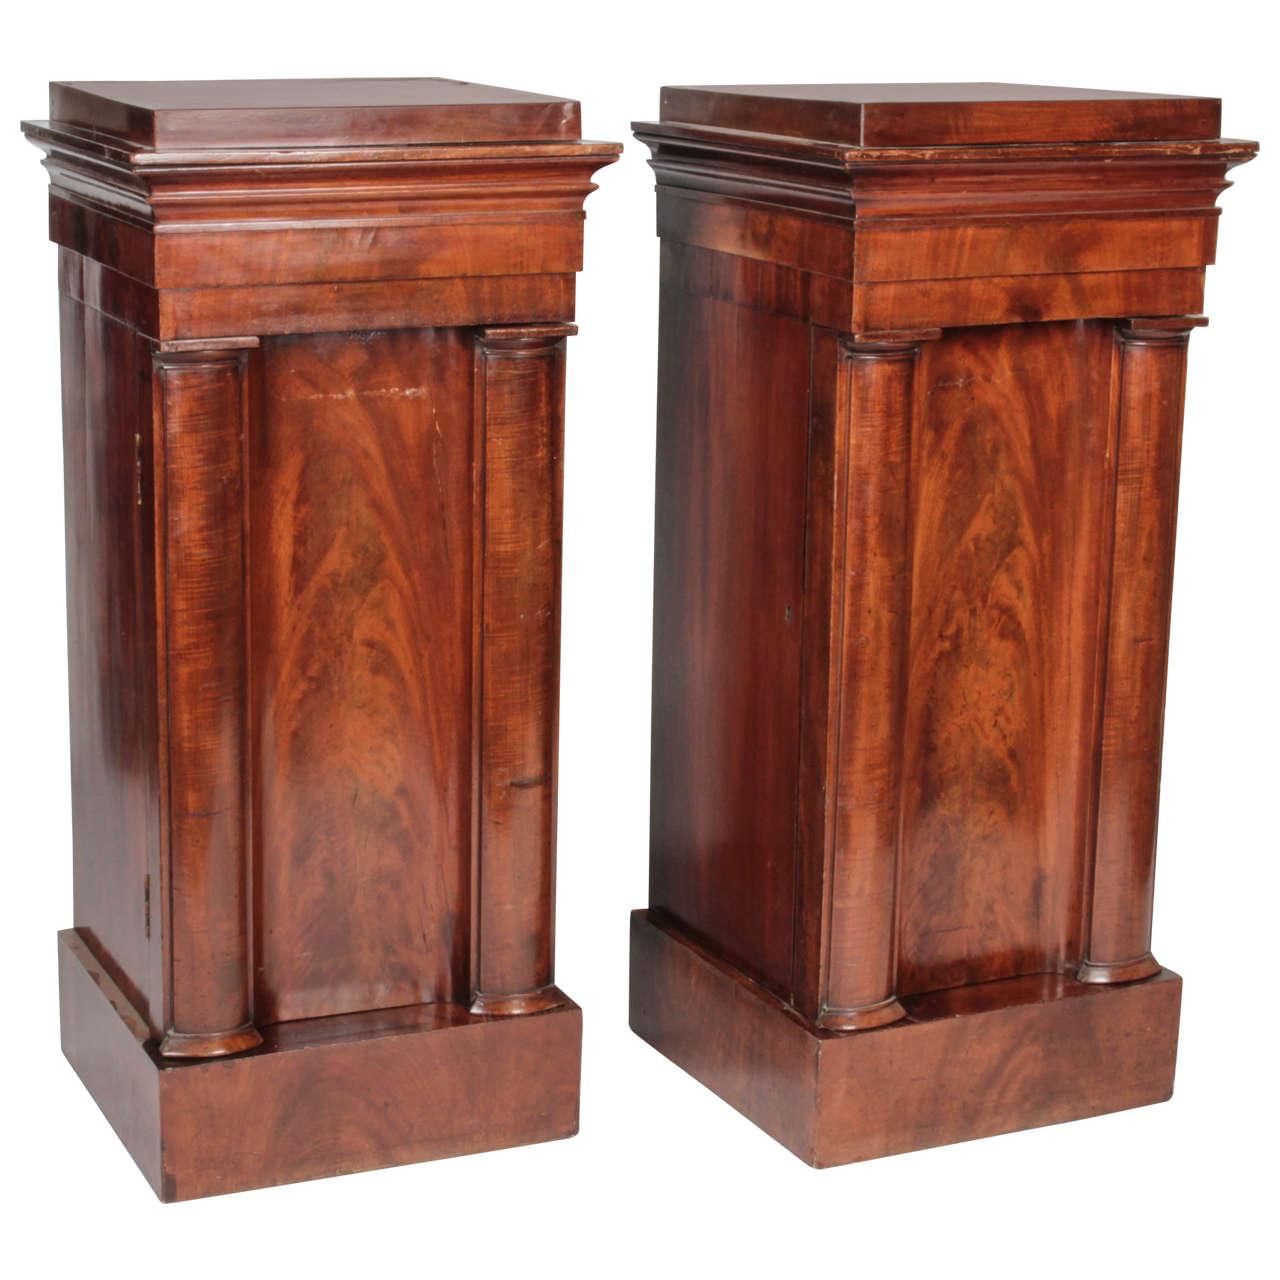 Pair of Mahogany Pedestal Cabinets